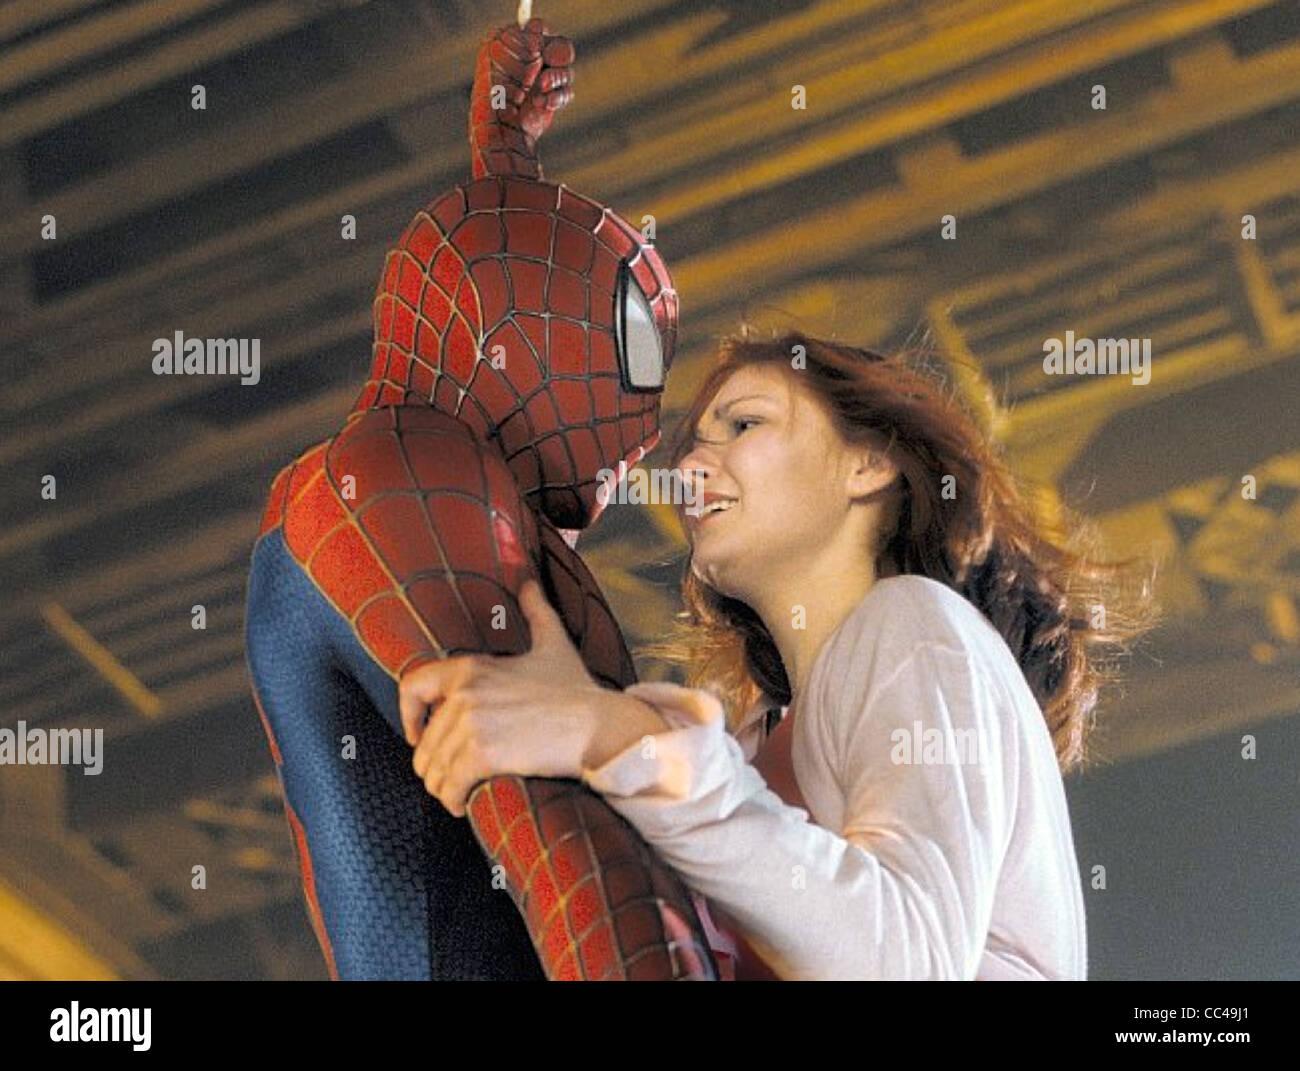 SPIDER-MAN 2002 Columbia TriStar/Marvel Enterprises Film